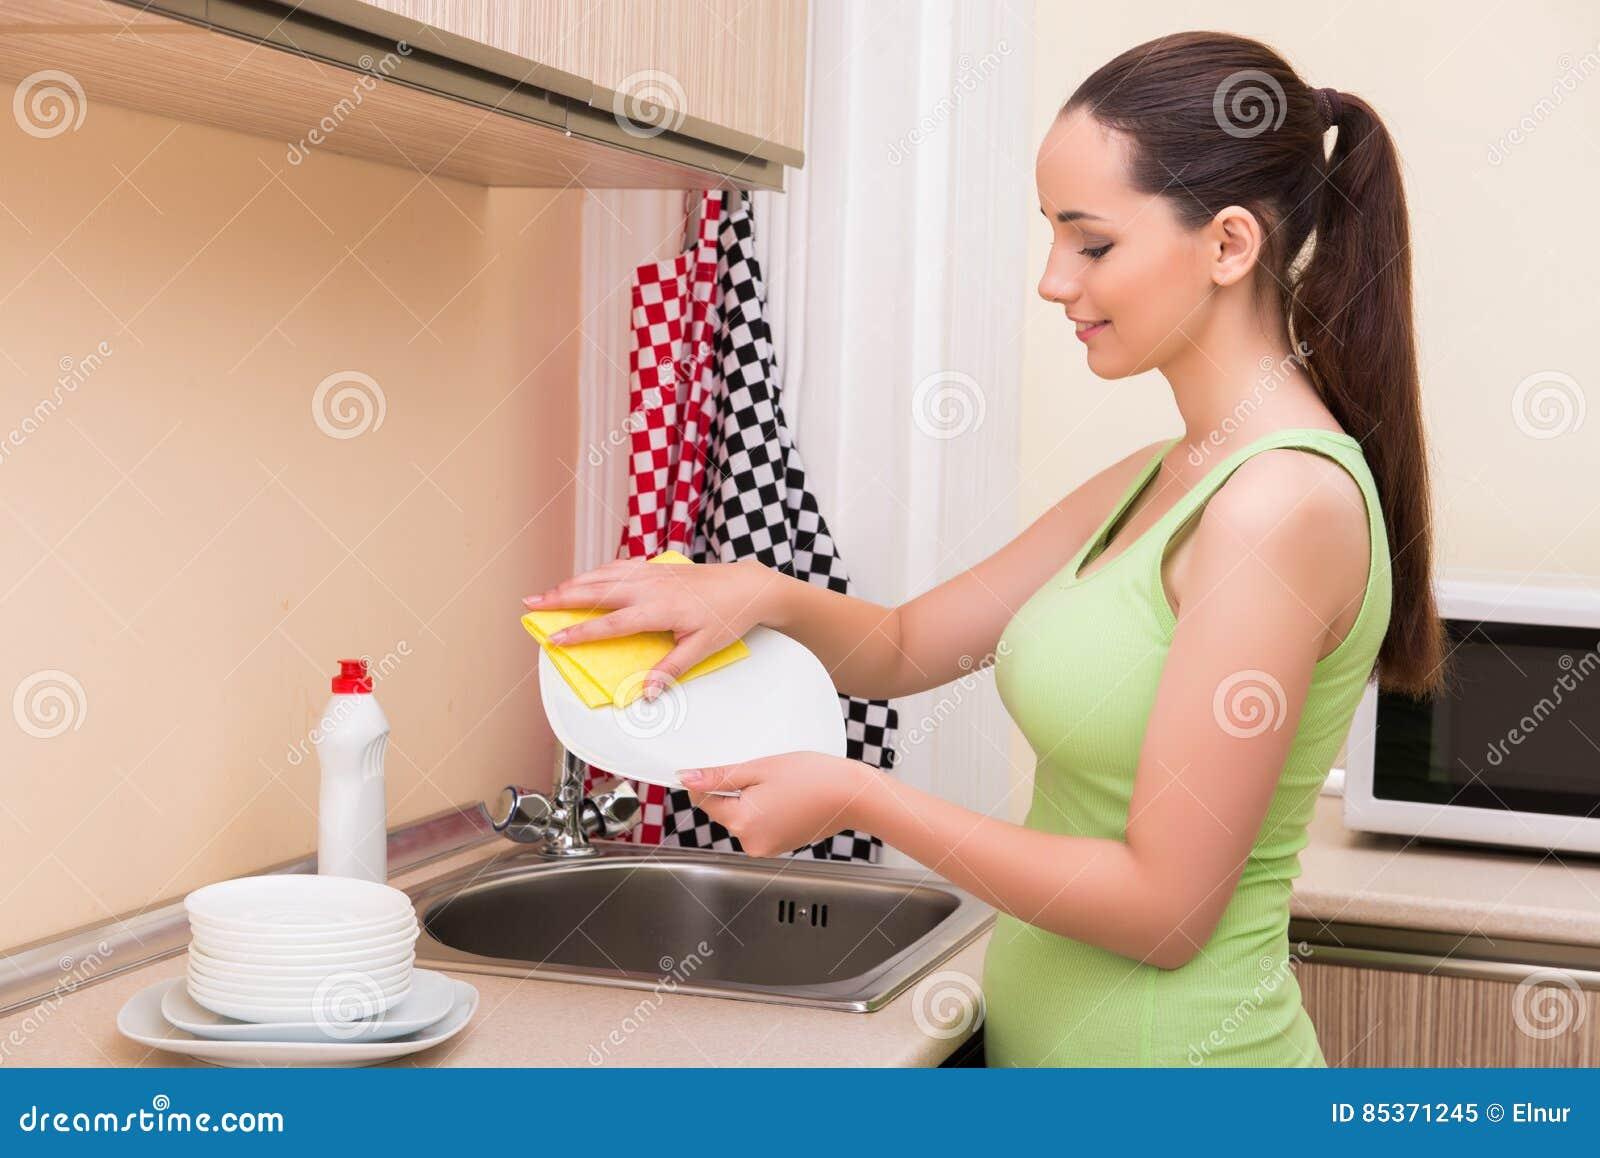 Жены на кухне фото фото 638-110